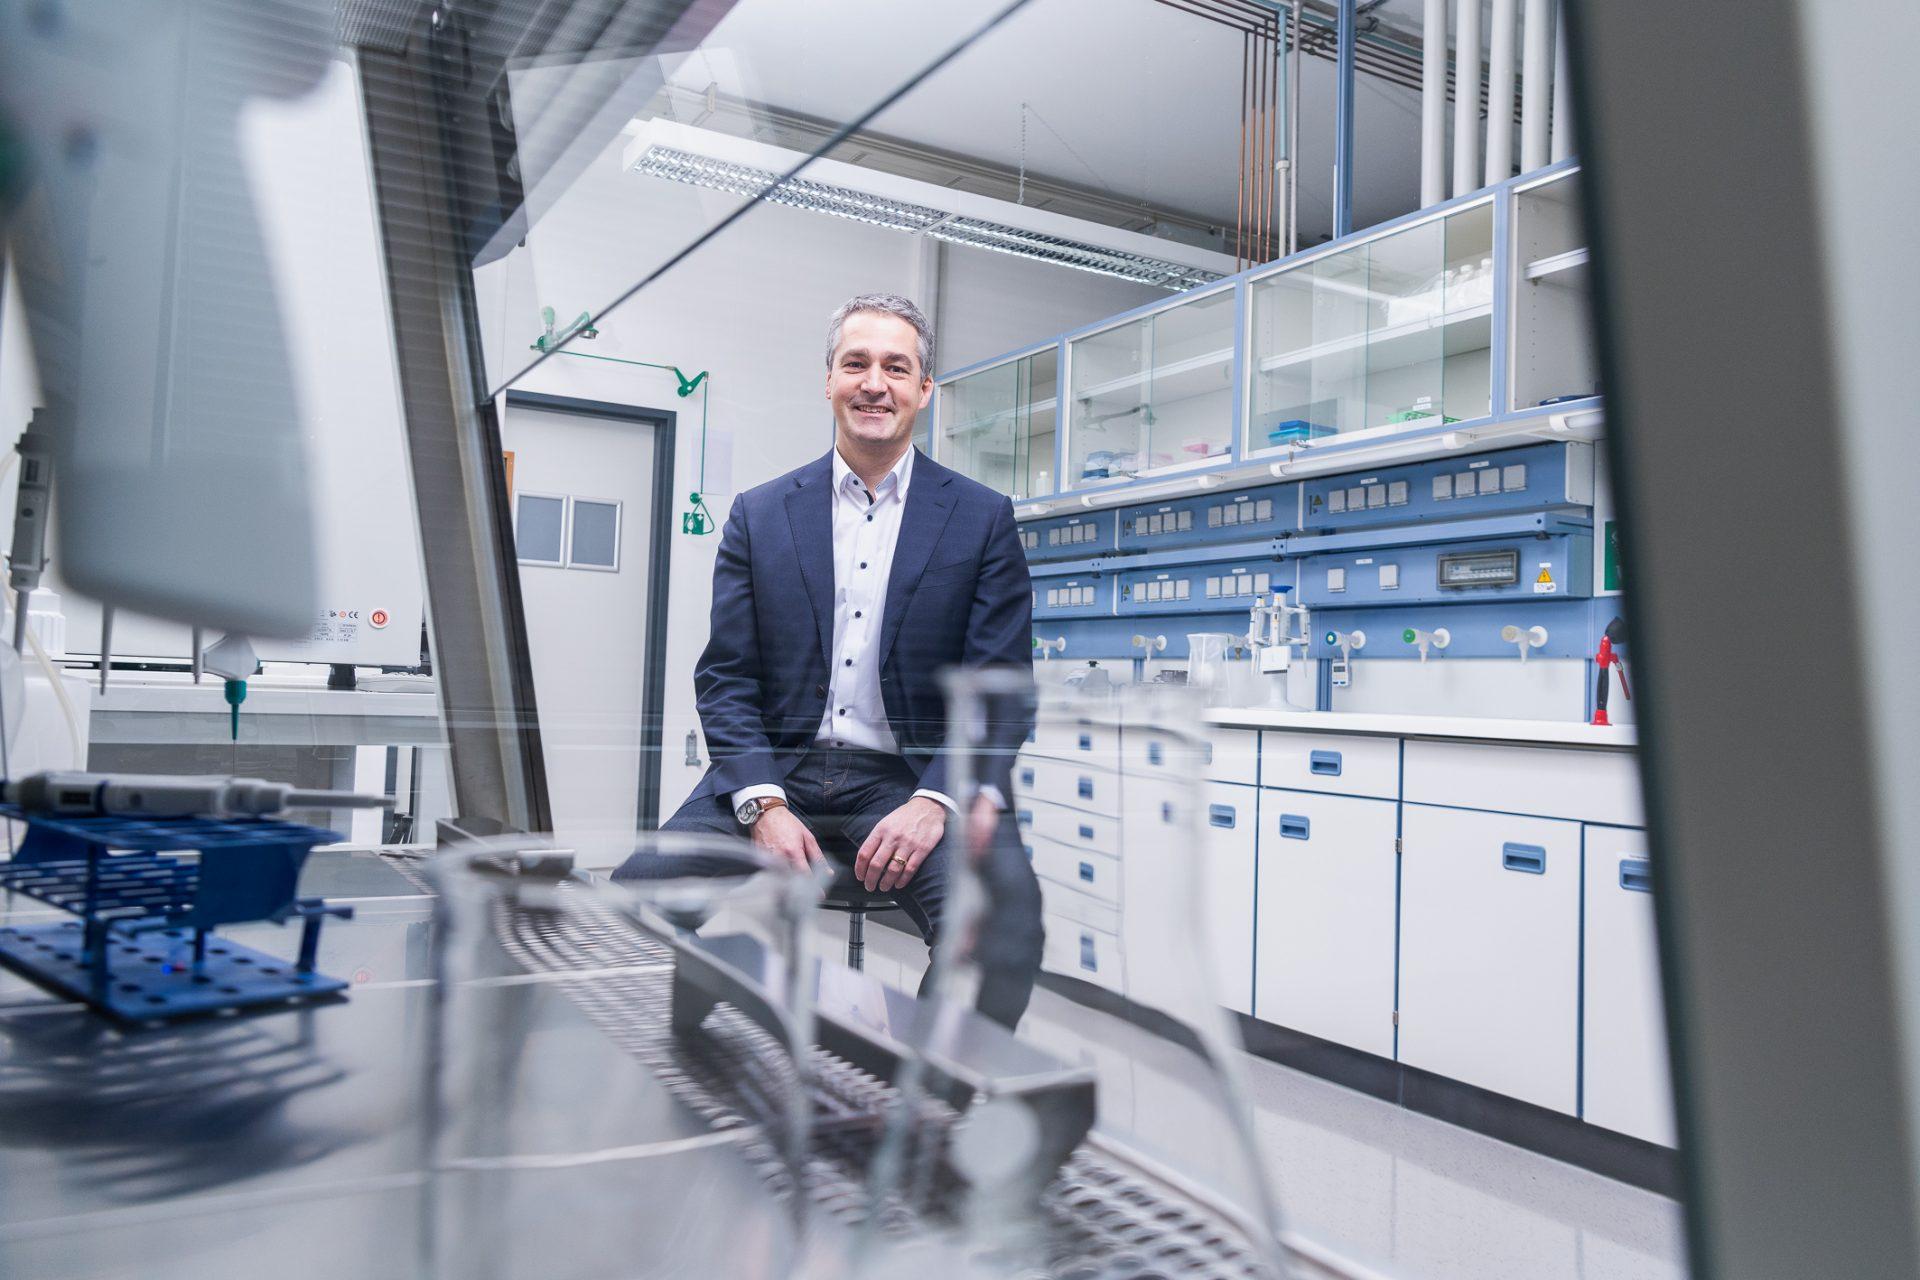 InflaRx Startet Patiententest In Klinischer Studie Bei Schwerer Fortgeschrittener COVID-19-Lungenentzündung